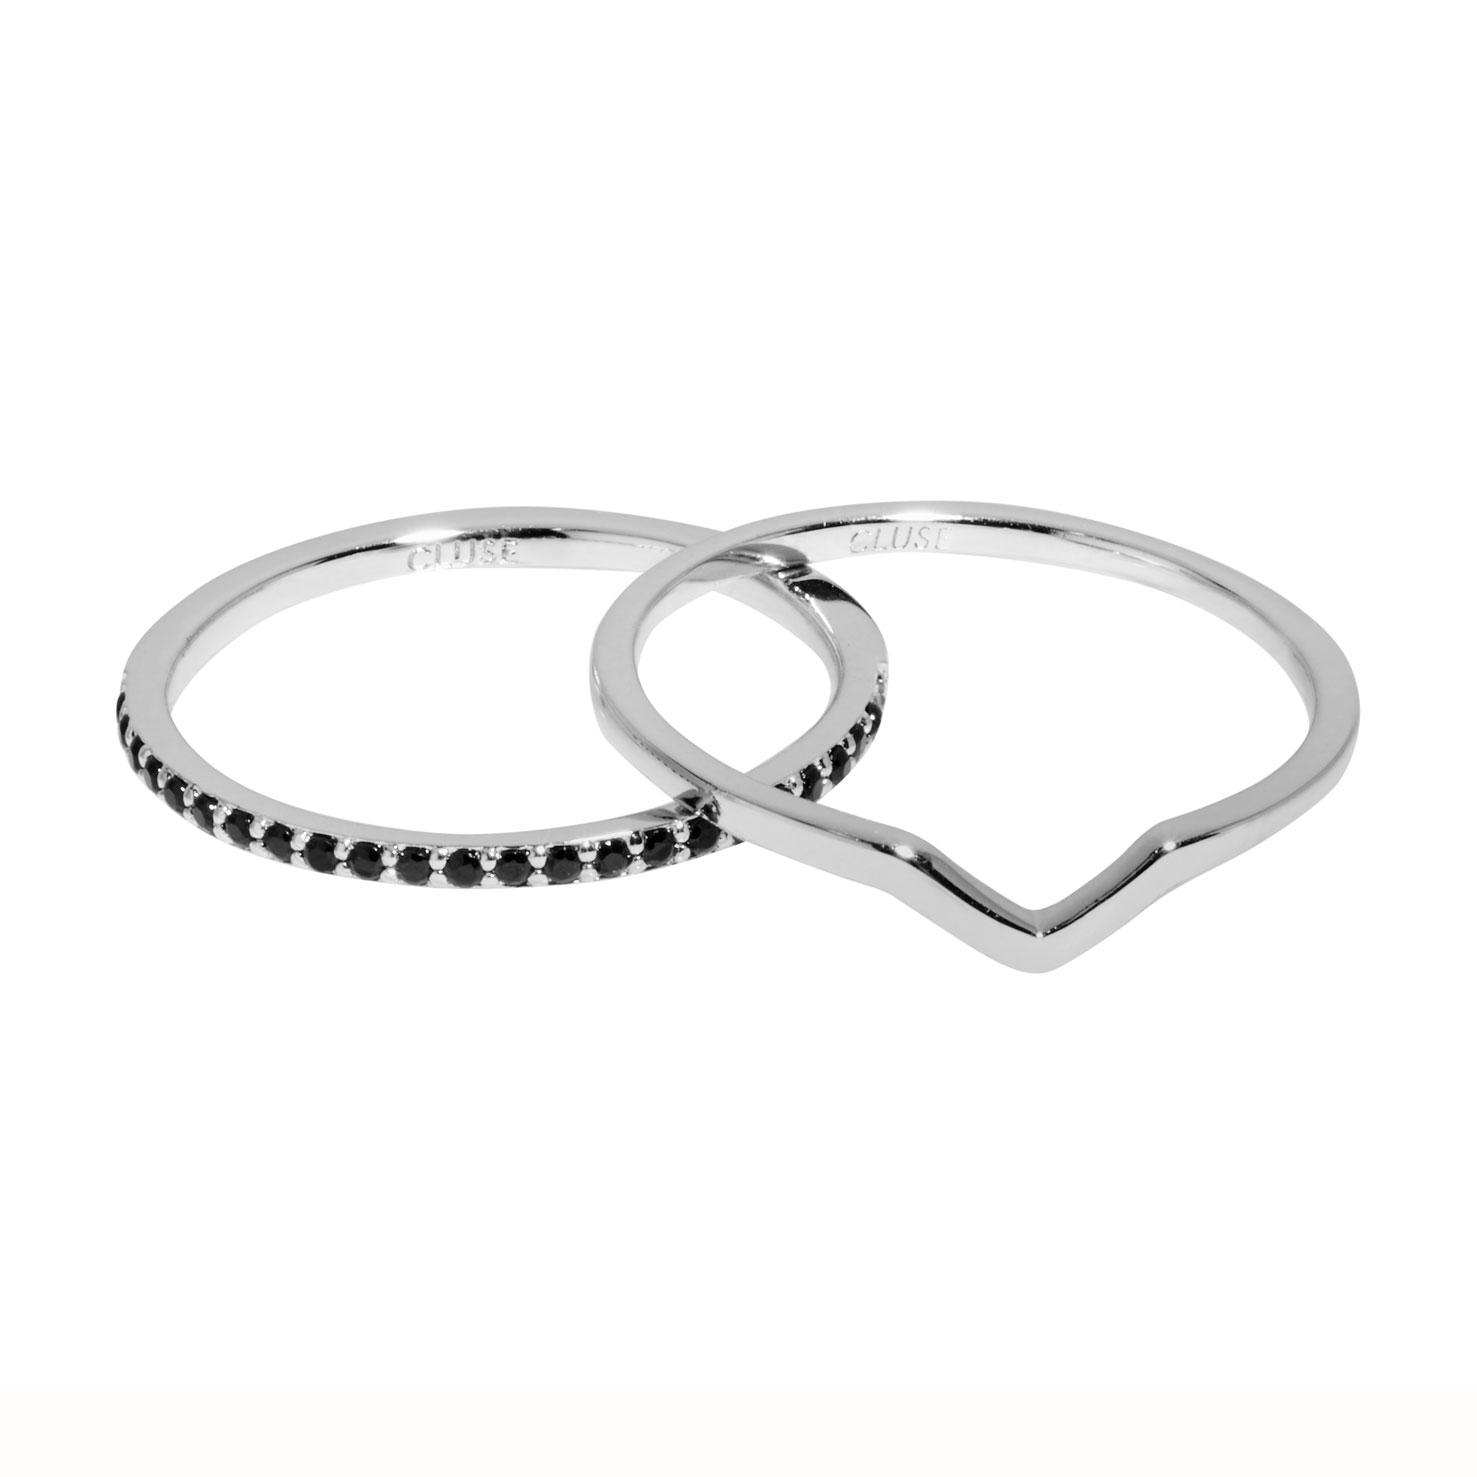 Afbeelding van CLUSE Essentielle Set Chevron and Black Crystal Ring CLJ42004 54 (Maat: 54)